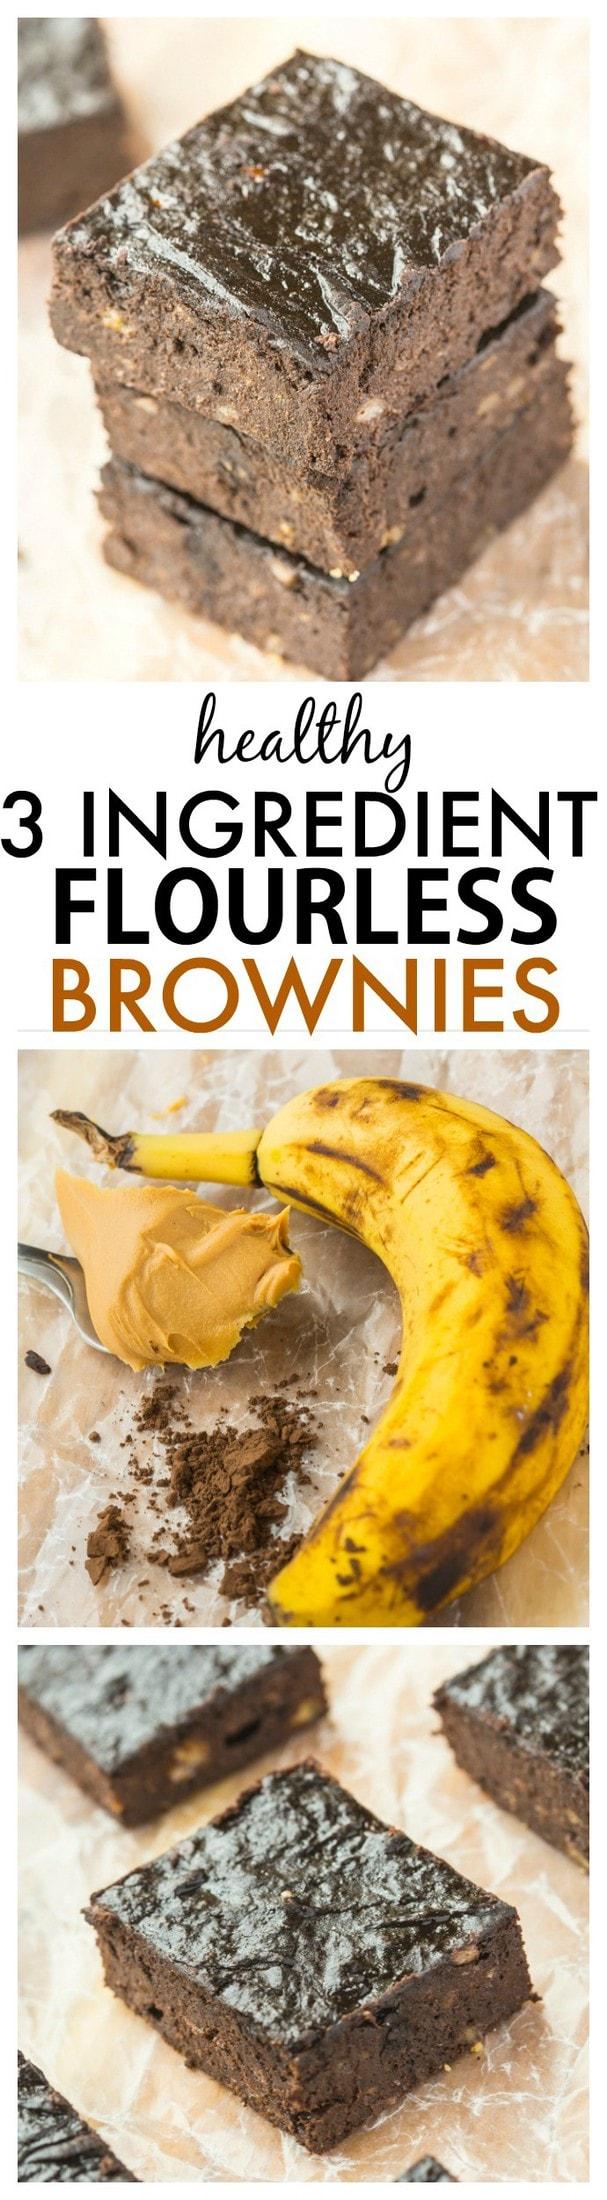 Healthy 3 Ingredient Flourless Brownies